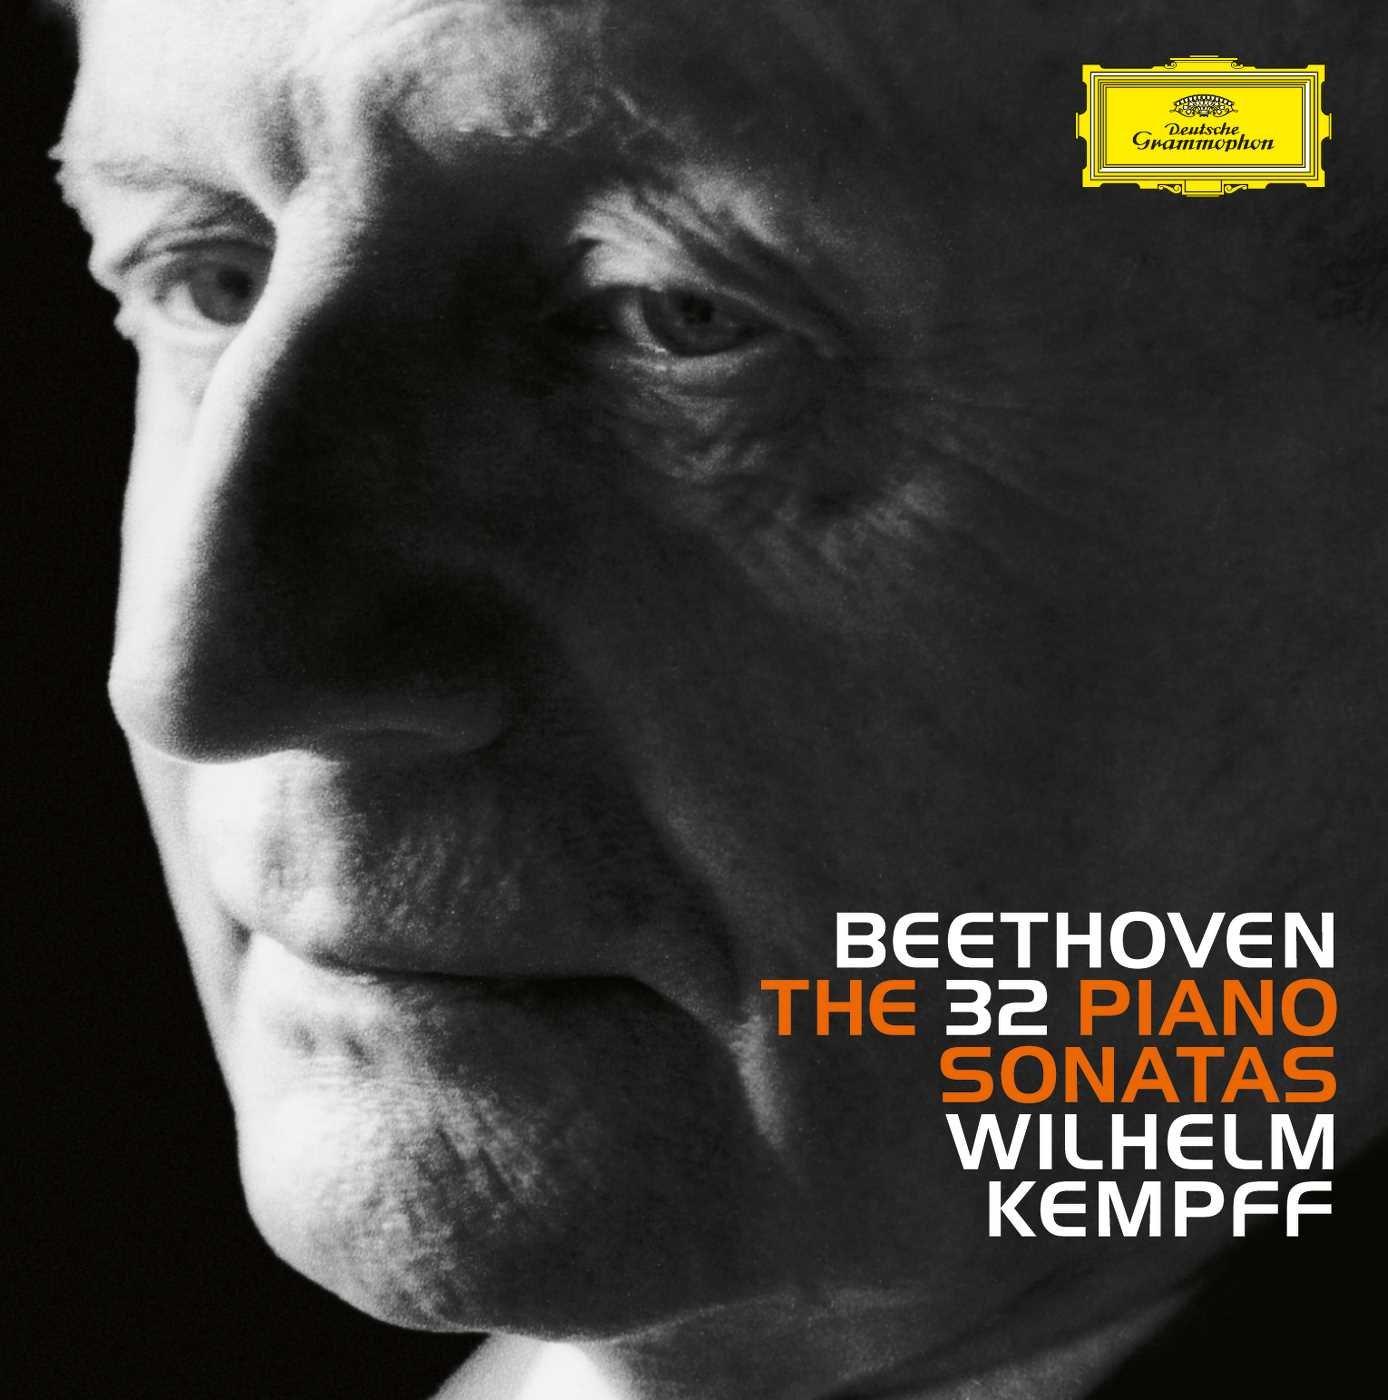 Beethoven: Complete Piano Sonatas Nos. 1-32 by DEUTSCHE GRAMMOPHON, BOX CLASSICA, MUSICA DA CAMERA, SOLO, CLASSICO,